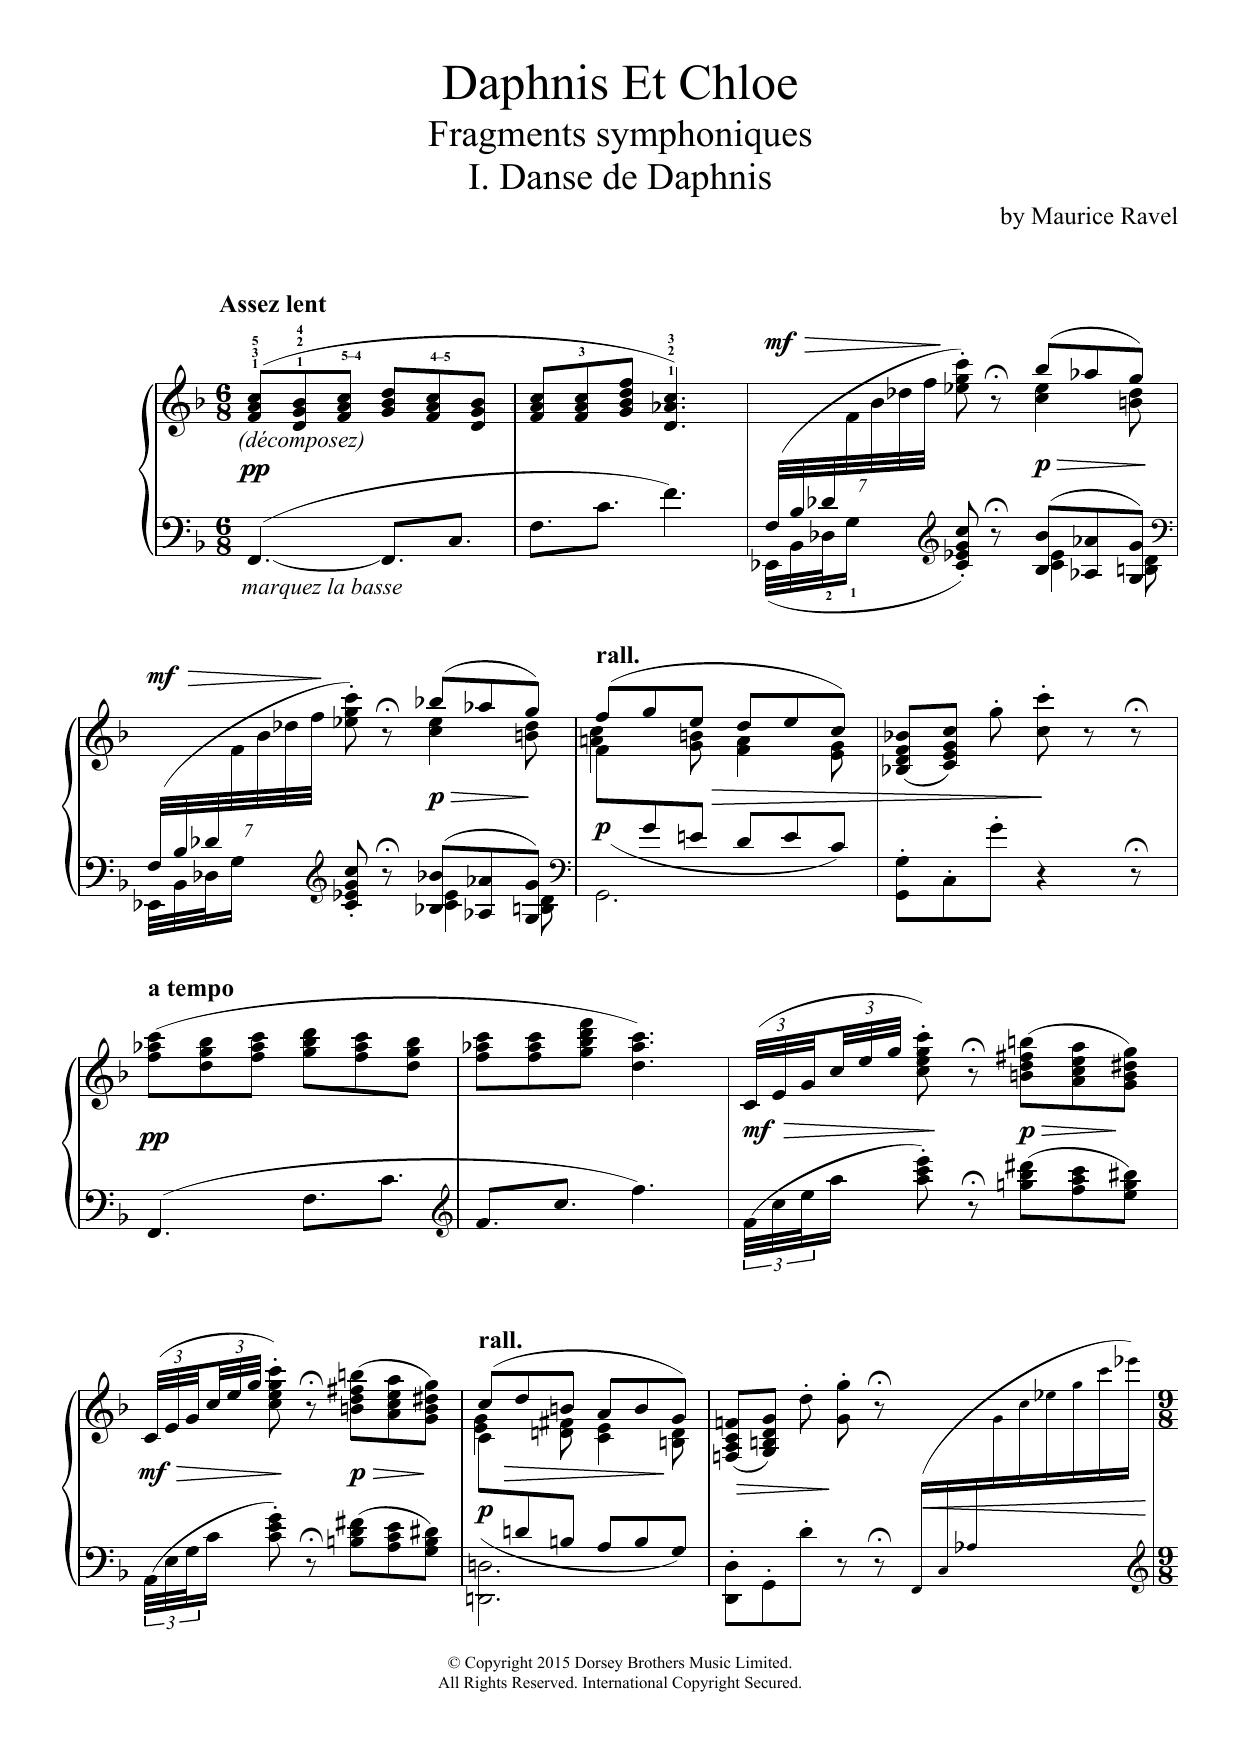 Daphnis Et Chloé - I. Danse De Daphnis Sheet Music